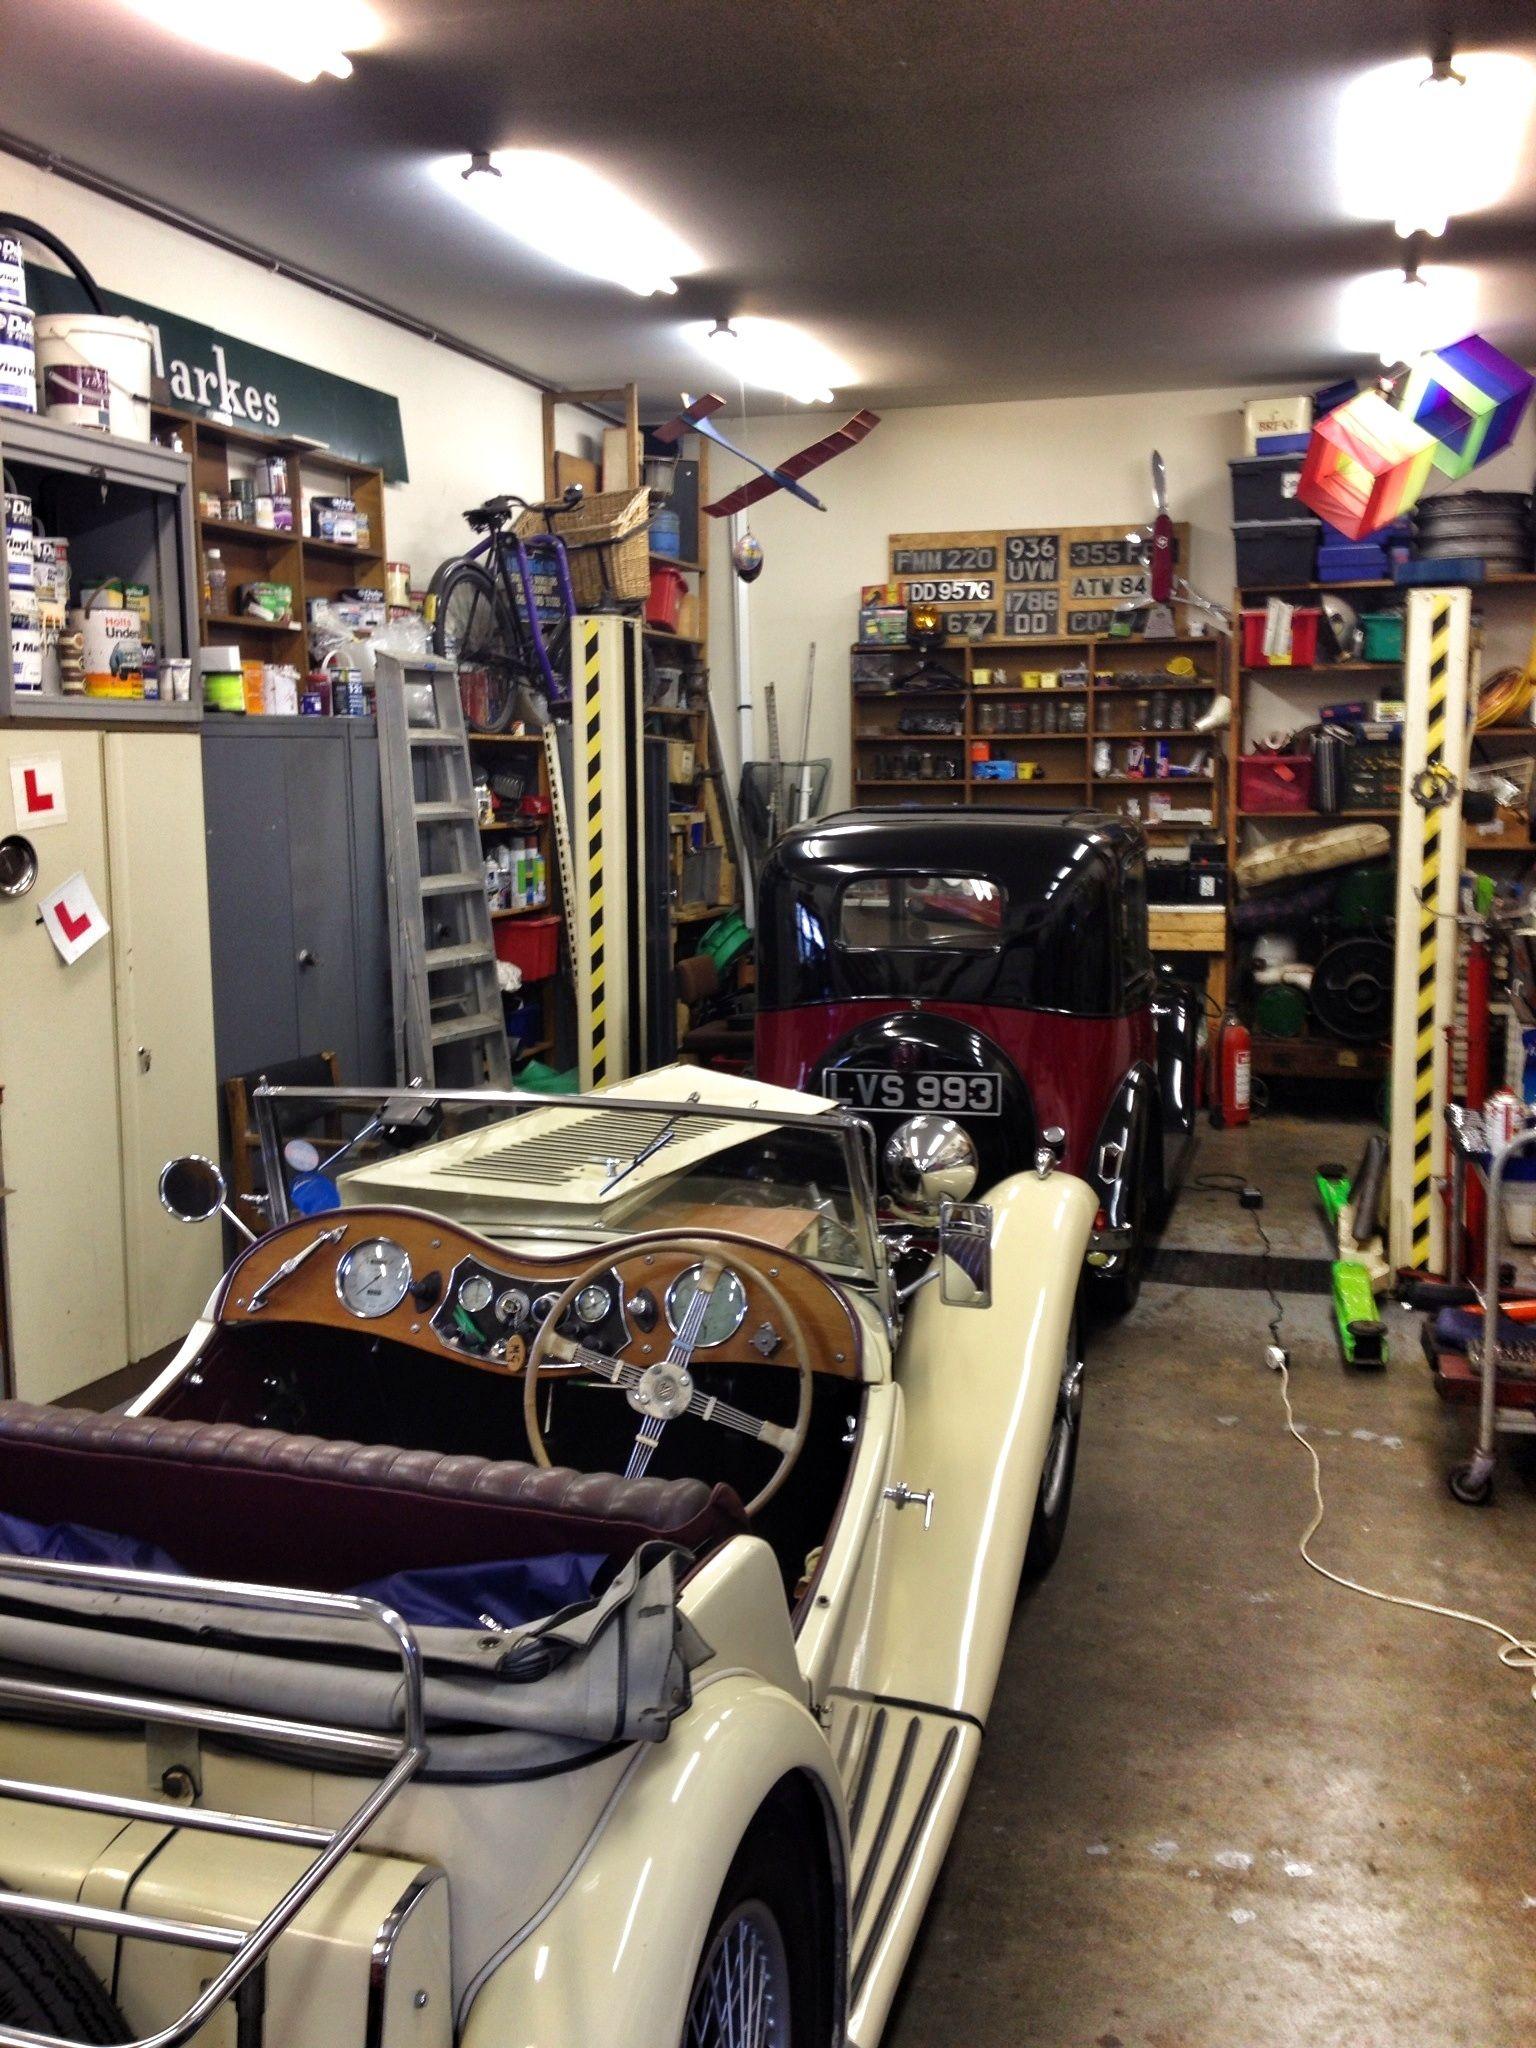 Vintage Garage Vintage Industrial Style Vintage Industrial Vintage Industrial Decor